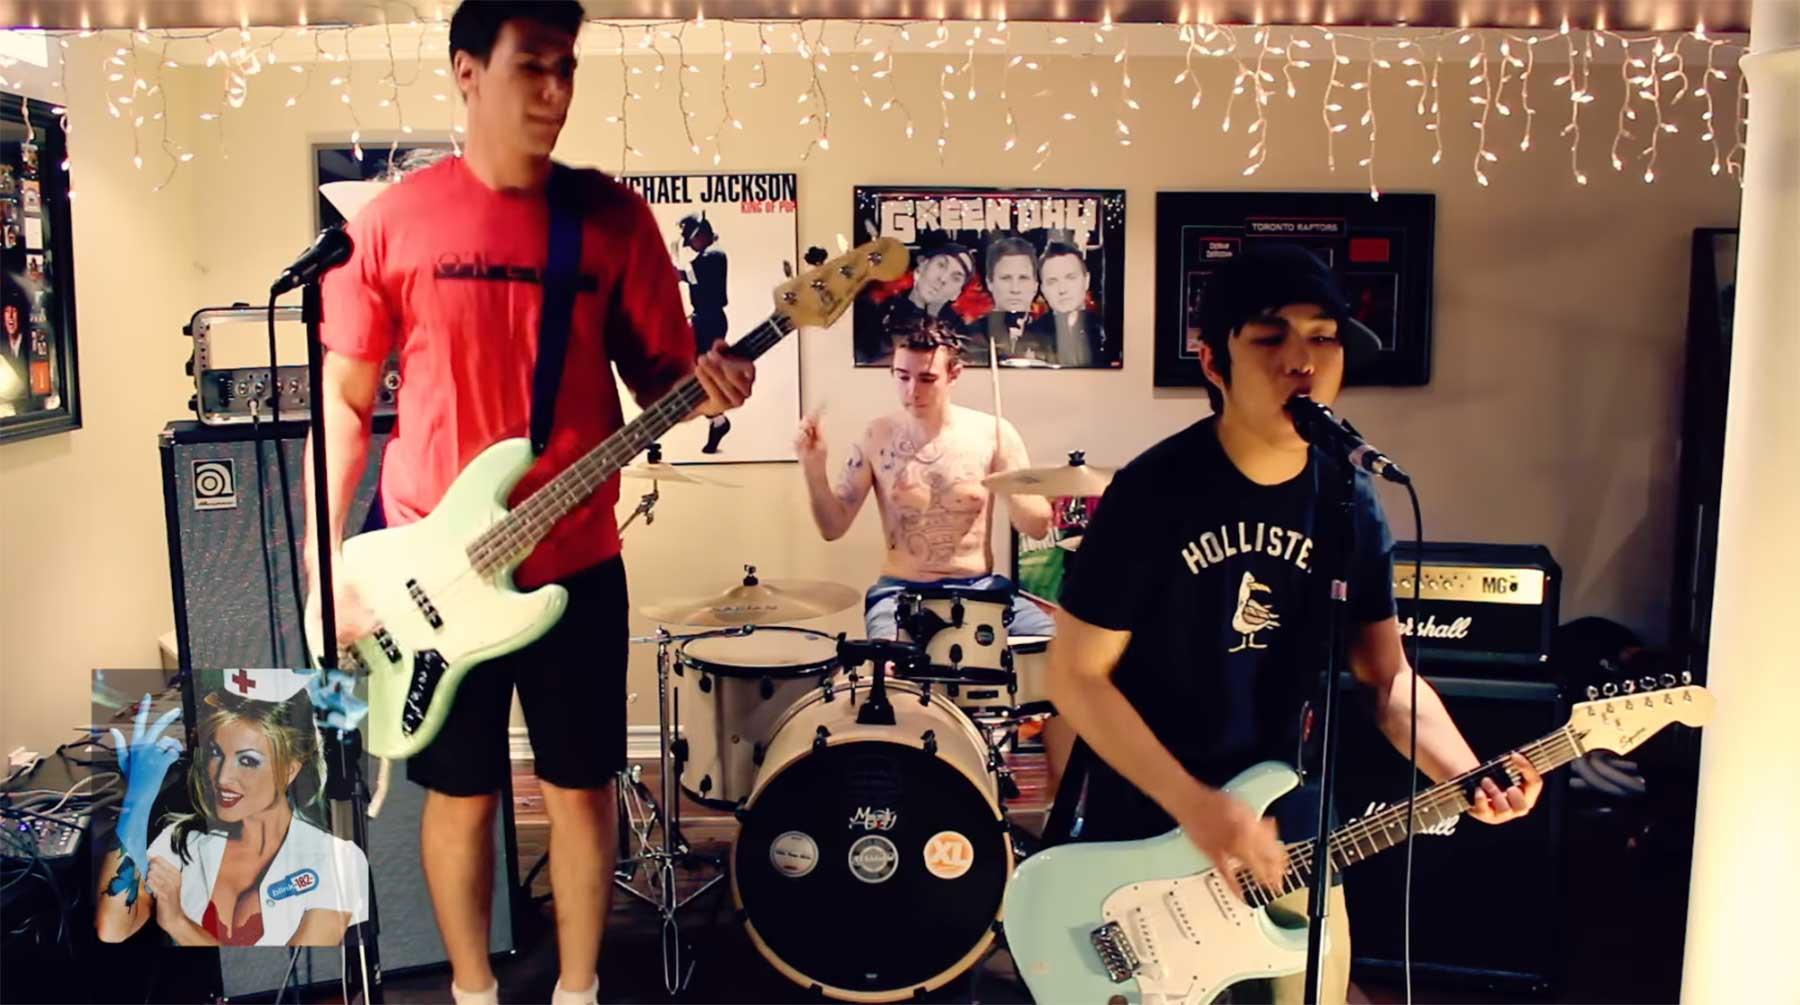 Komplette Blink 182-Diskografie in 12 Minuten blink-182-medley